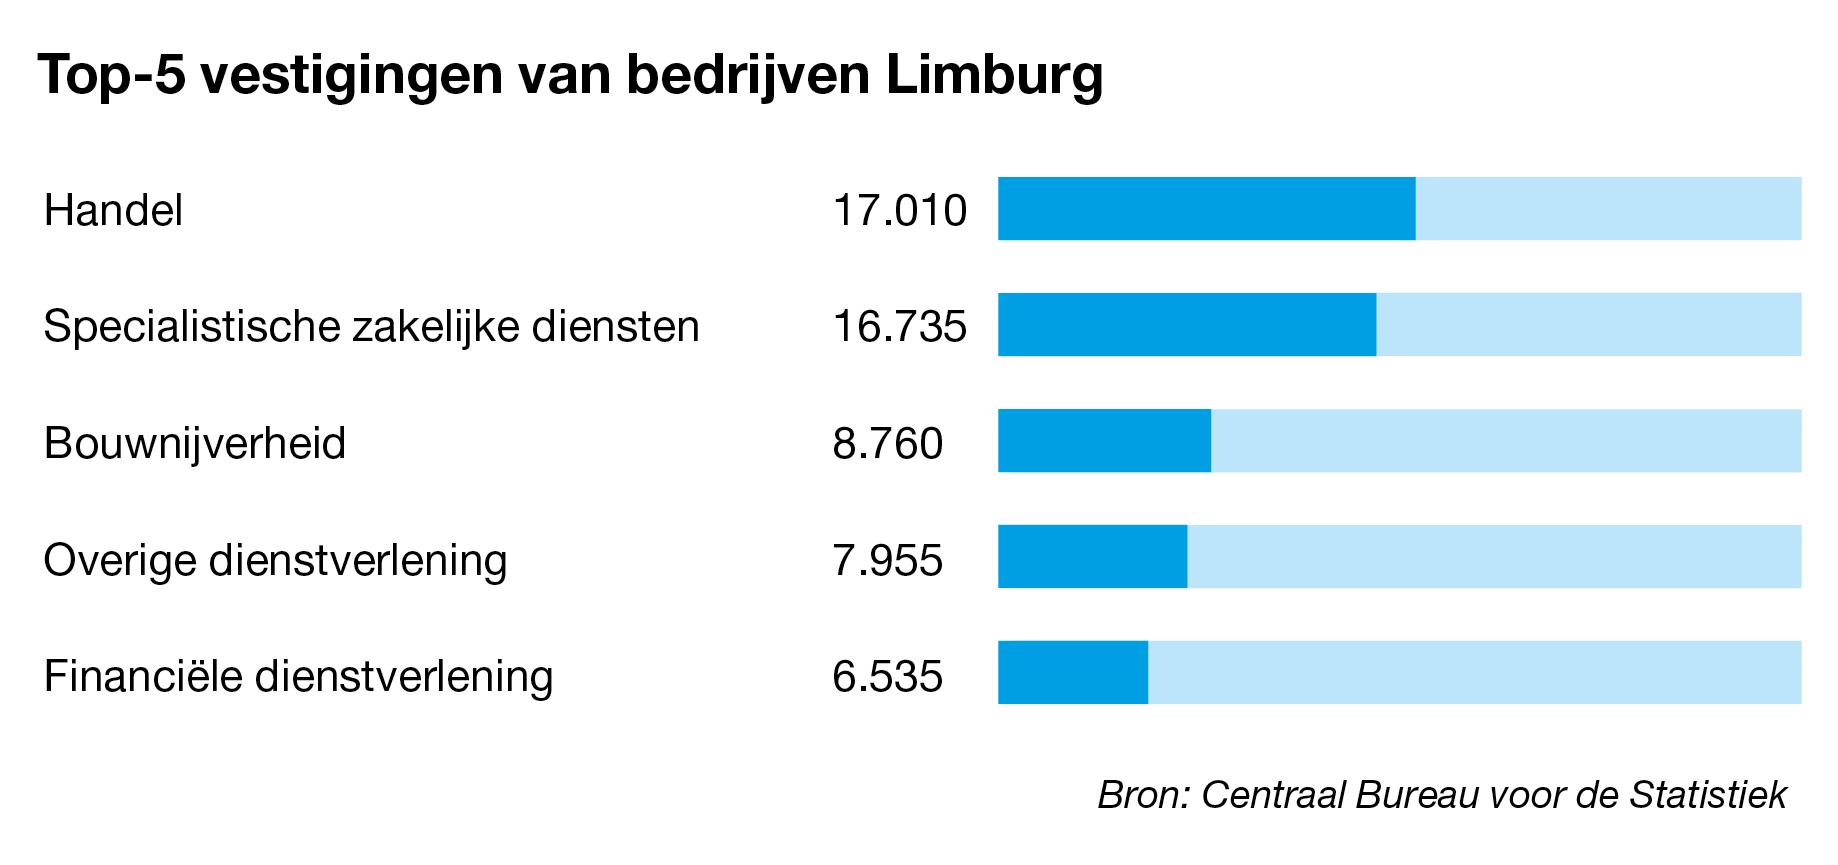 Bedrijven te koop in Limburg